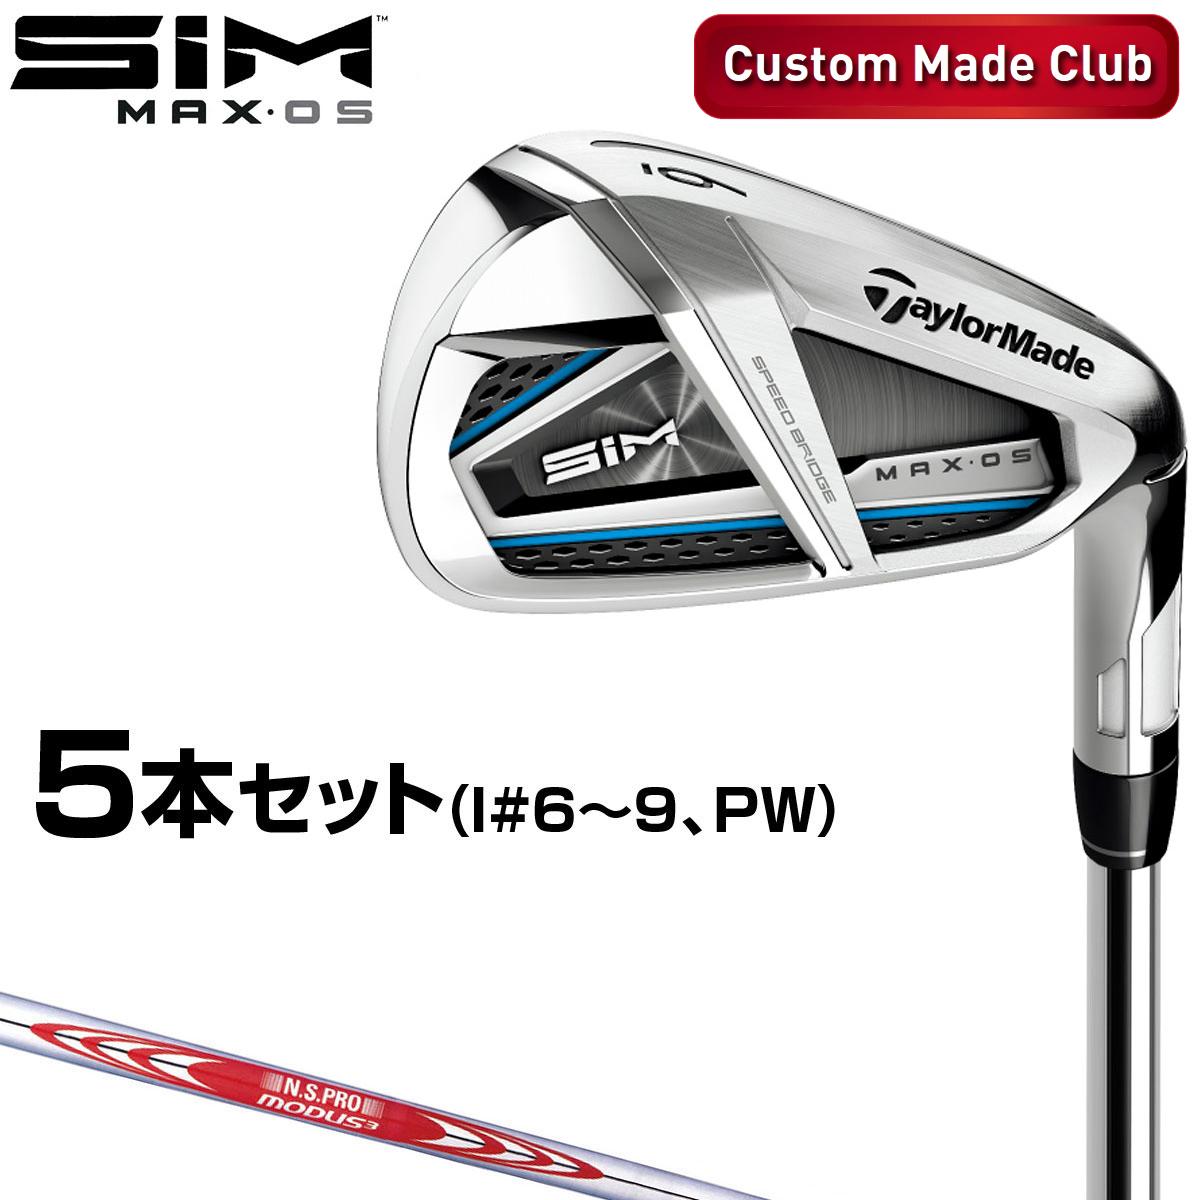 「カスタムメイドクラブ」TaylorMade(テーラーメイド)日本正規品 SIM MAX OS(シムマックスオーエス)アイアン 2020新製品 NSPRO MODUS3 TOUR120スチールシャフト 5本セット(I#6~9、PW)